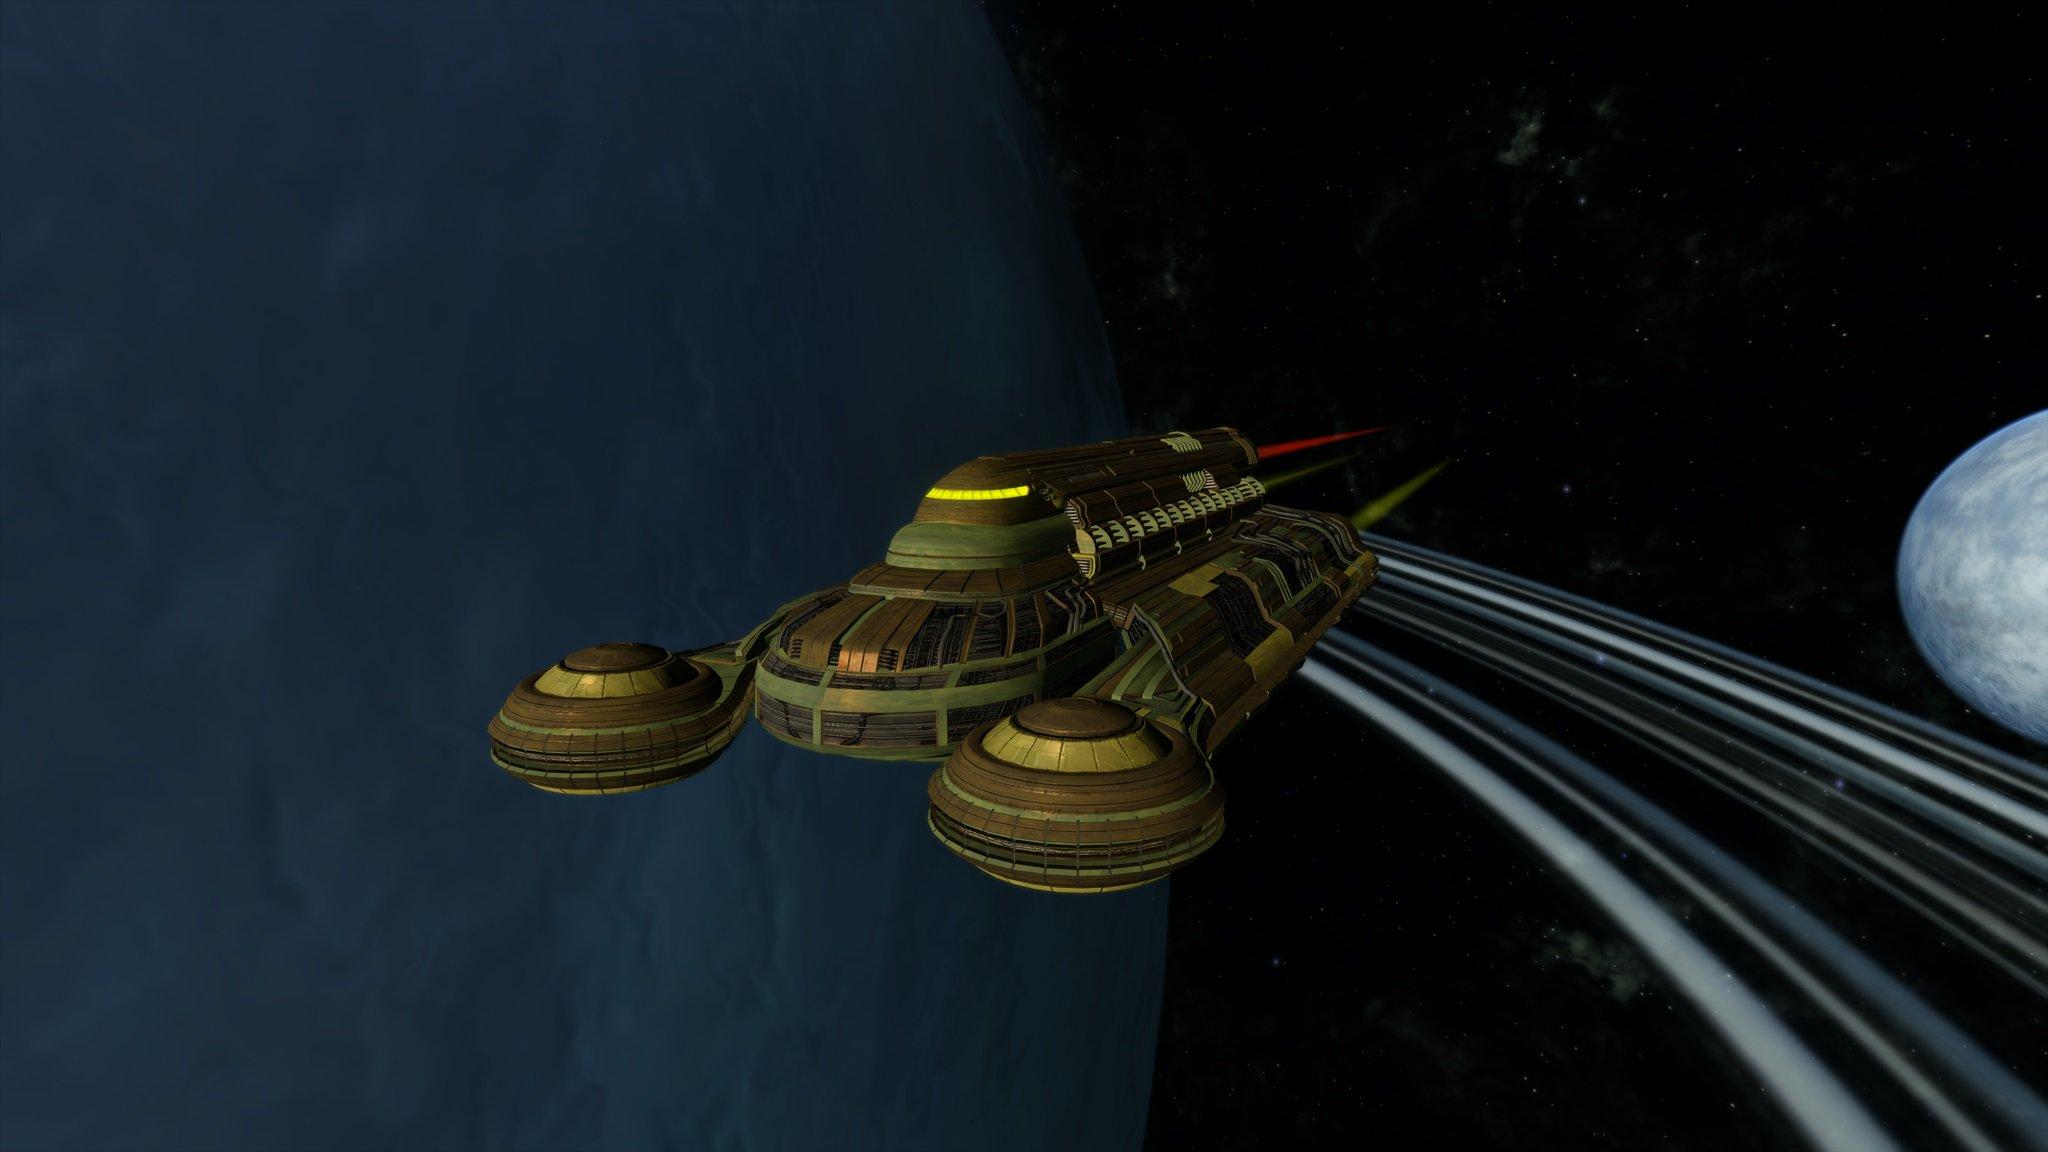 Gewinnspiel: Nehmen Sie ein Intel Science Bundle für das neue Update von Star Trek Online, Awakening, mit nach Hause 2